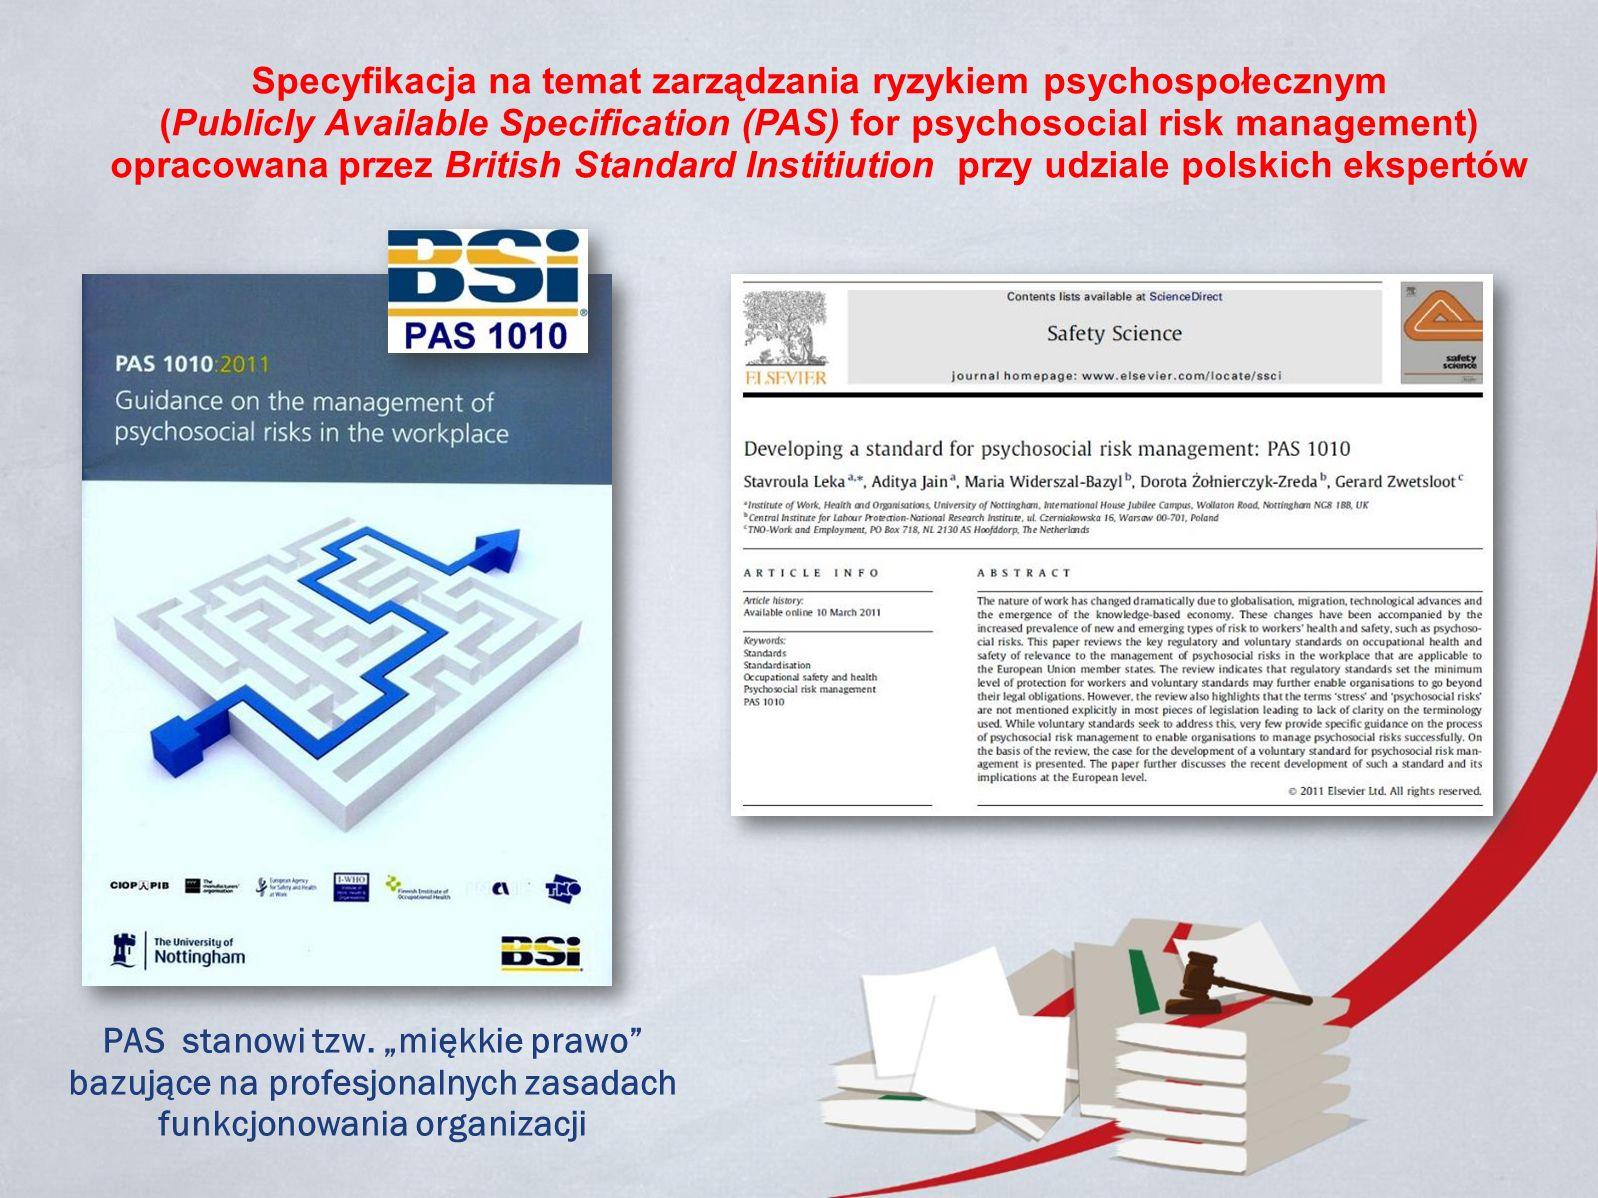 Specyfikacja na temat zarządzania ryzykiem psychospołecznym (Publicly Available Specification (PAS) for psychosocial risk management) opracowana przez British Standard Institiution przy udziale polskich ekspertów PAS stanowi tzw.